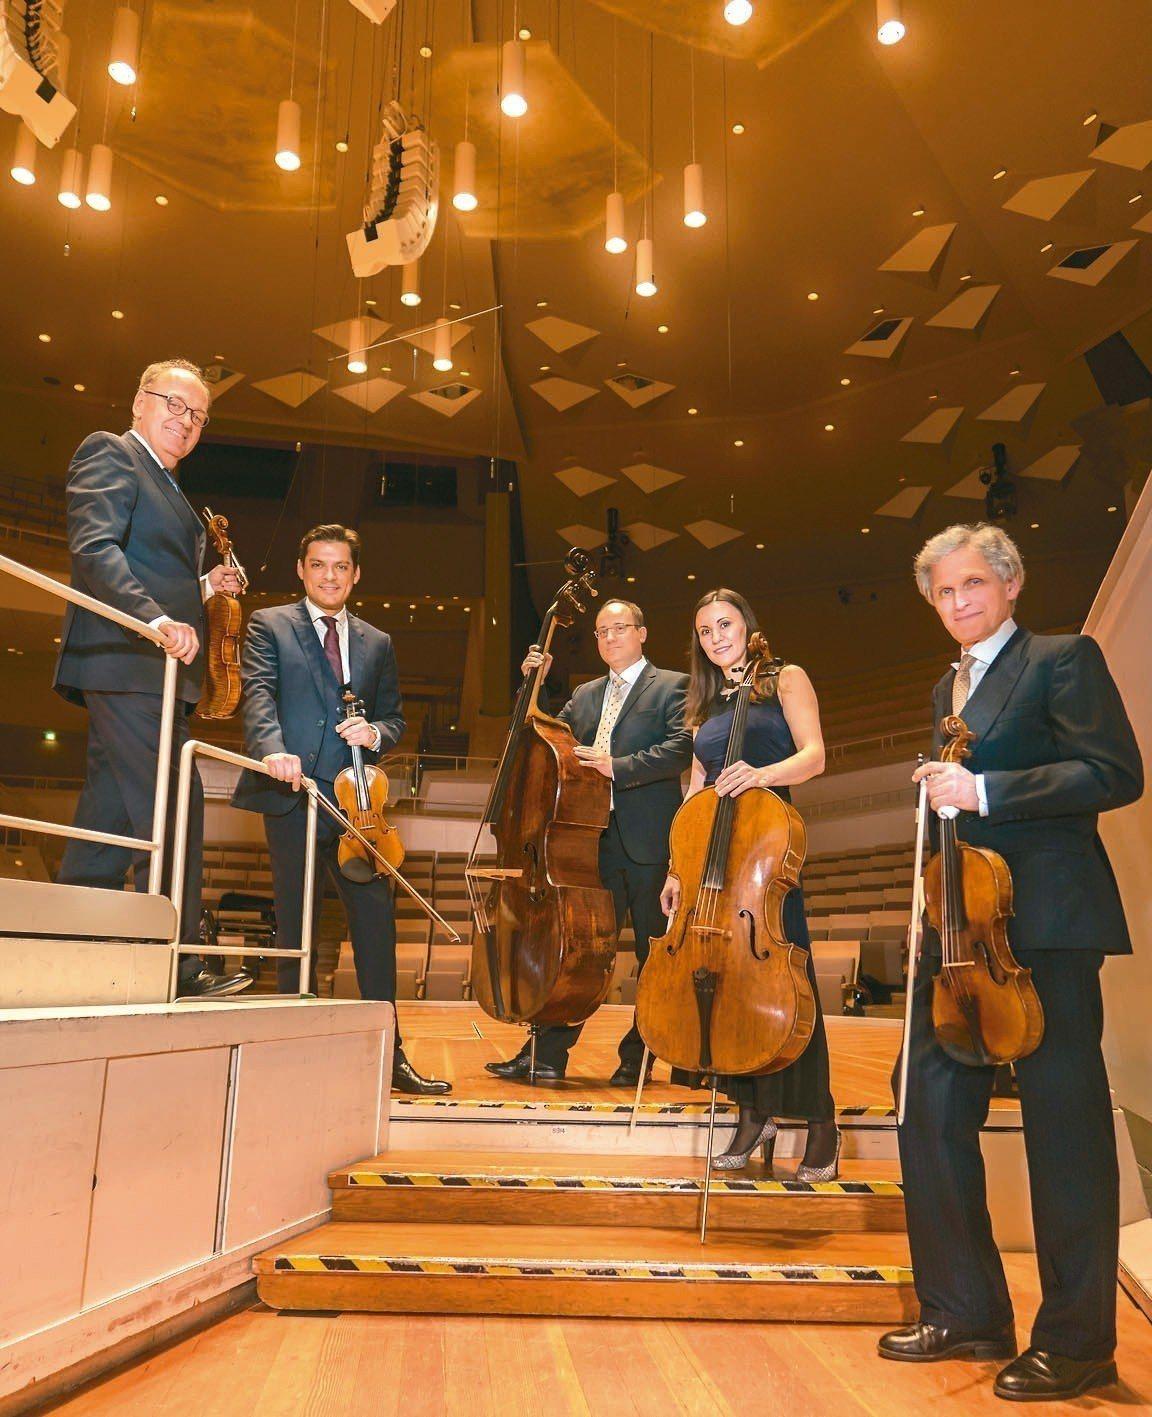 柏林愛樂弦樂五重奏本月下旬訪台,各大通路現正熱賣中。 圖/聯合數位文創提供